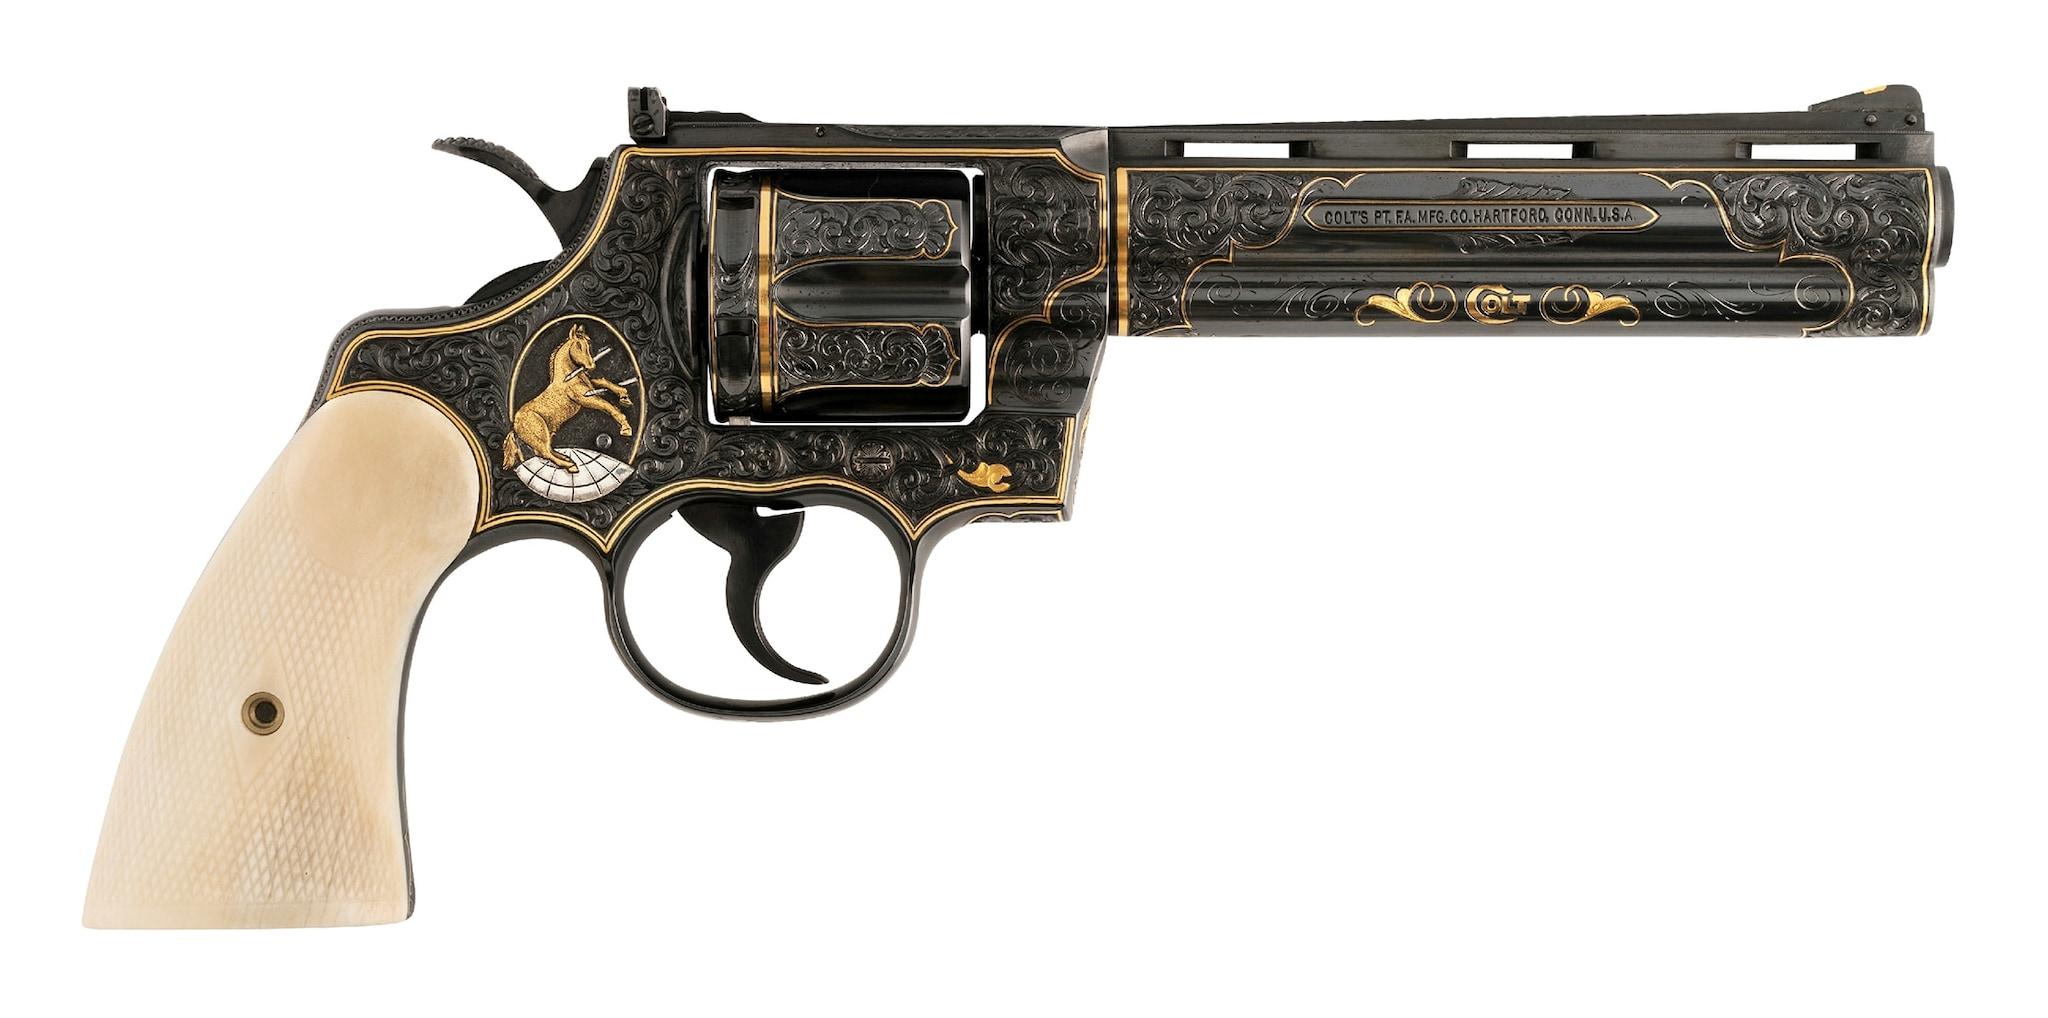 Colt Python 357 mag (Photo: Michael Dubber)